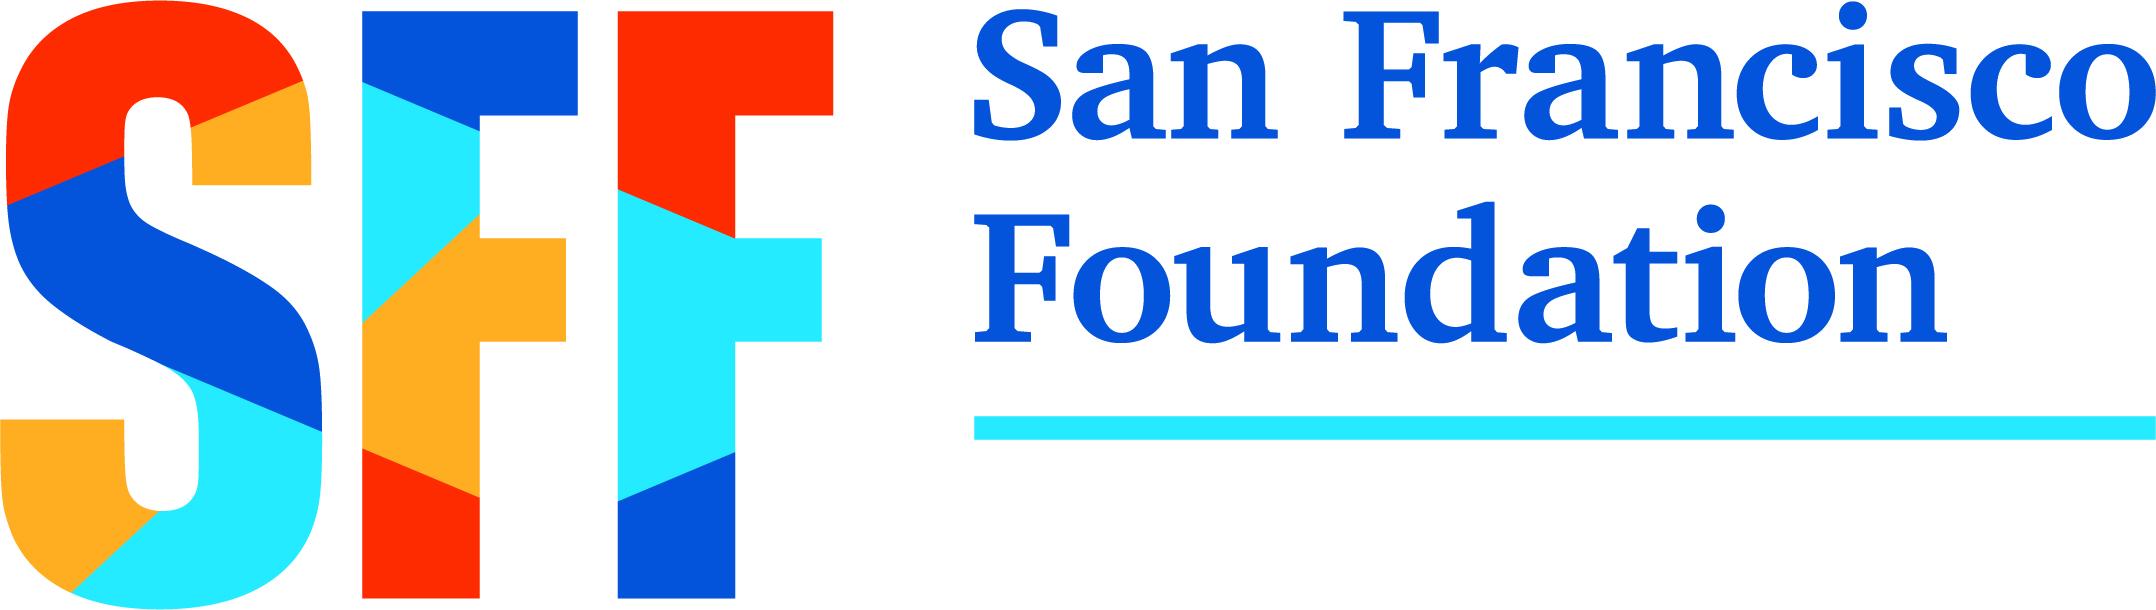 SFF_logo_horiz_CMYK_color.jpg